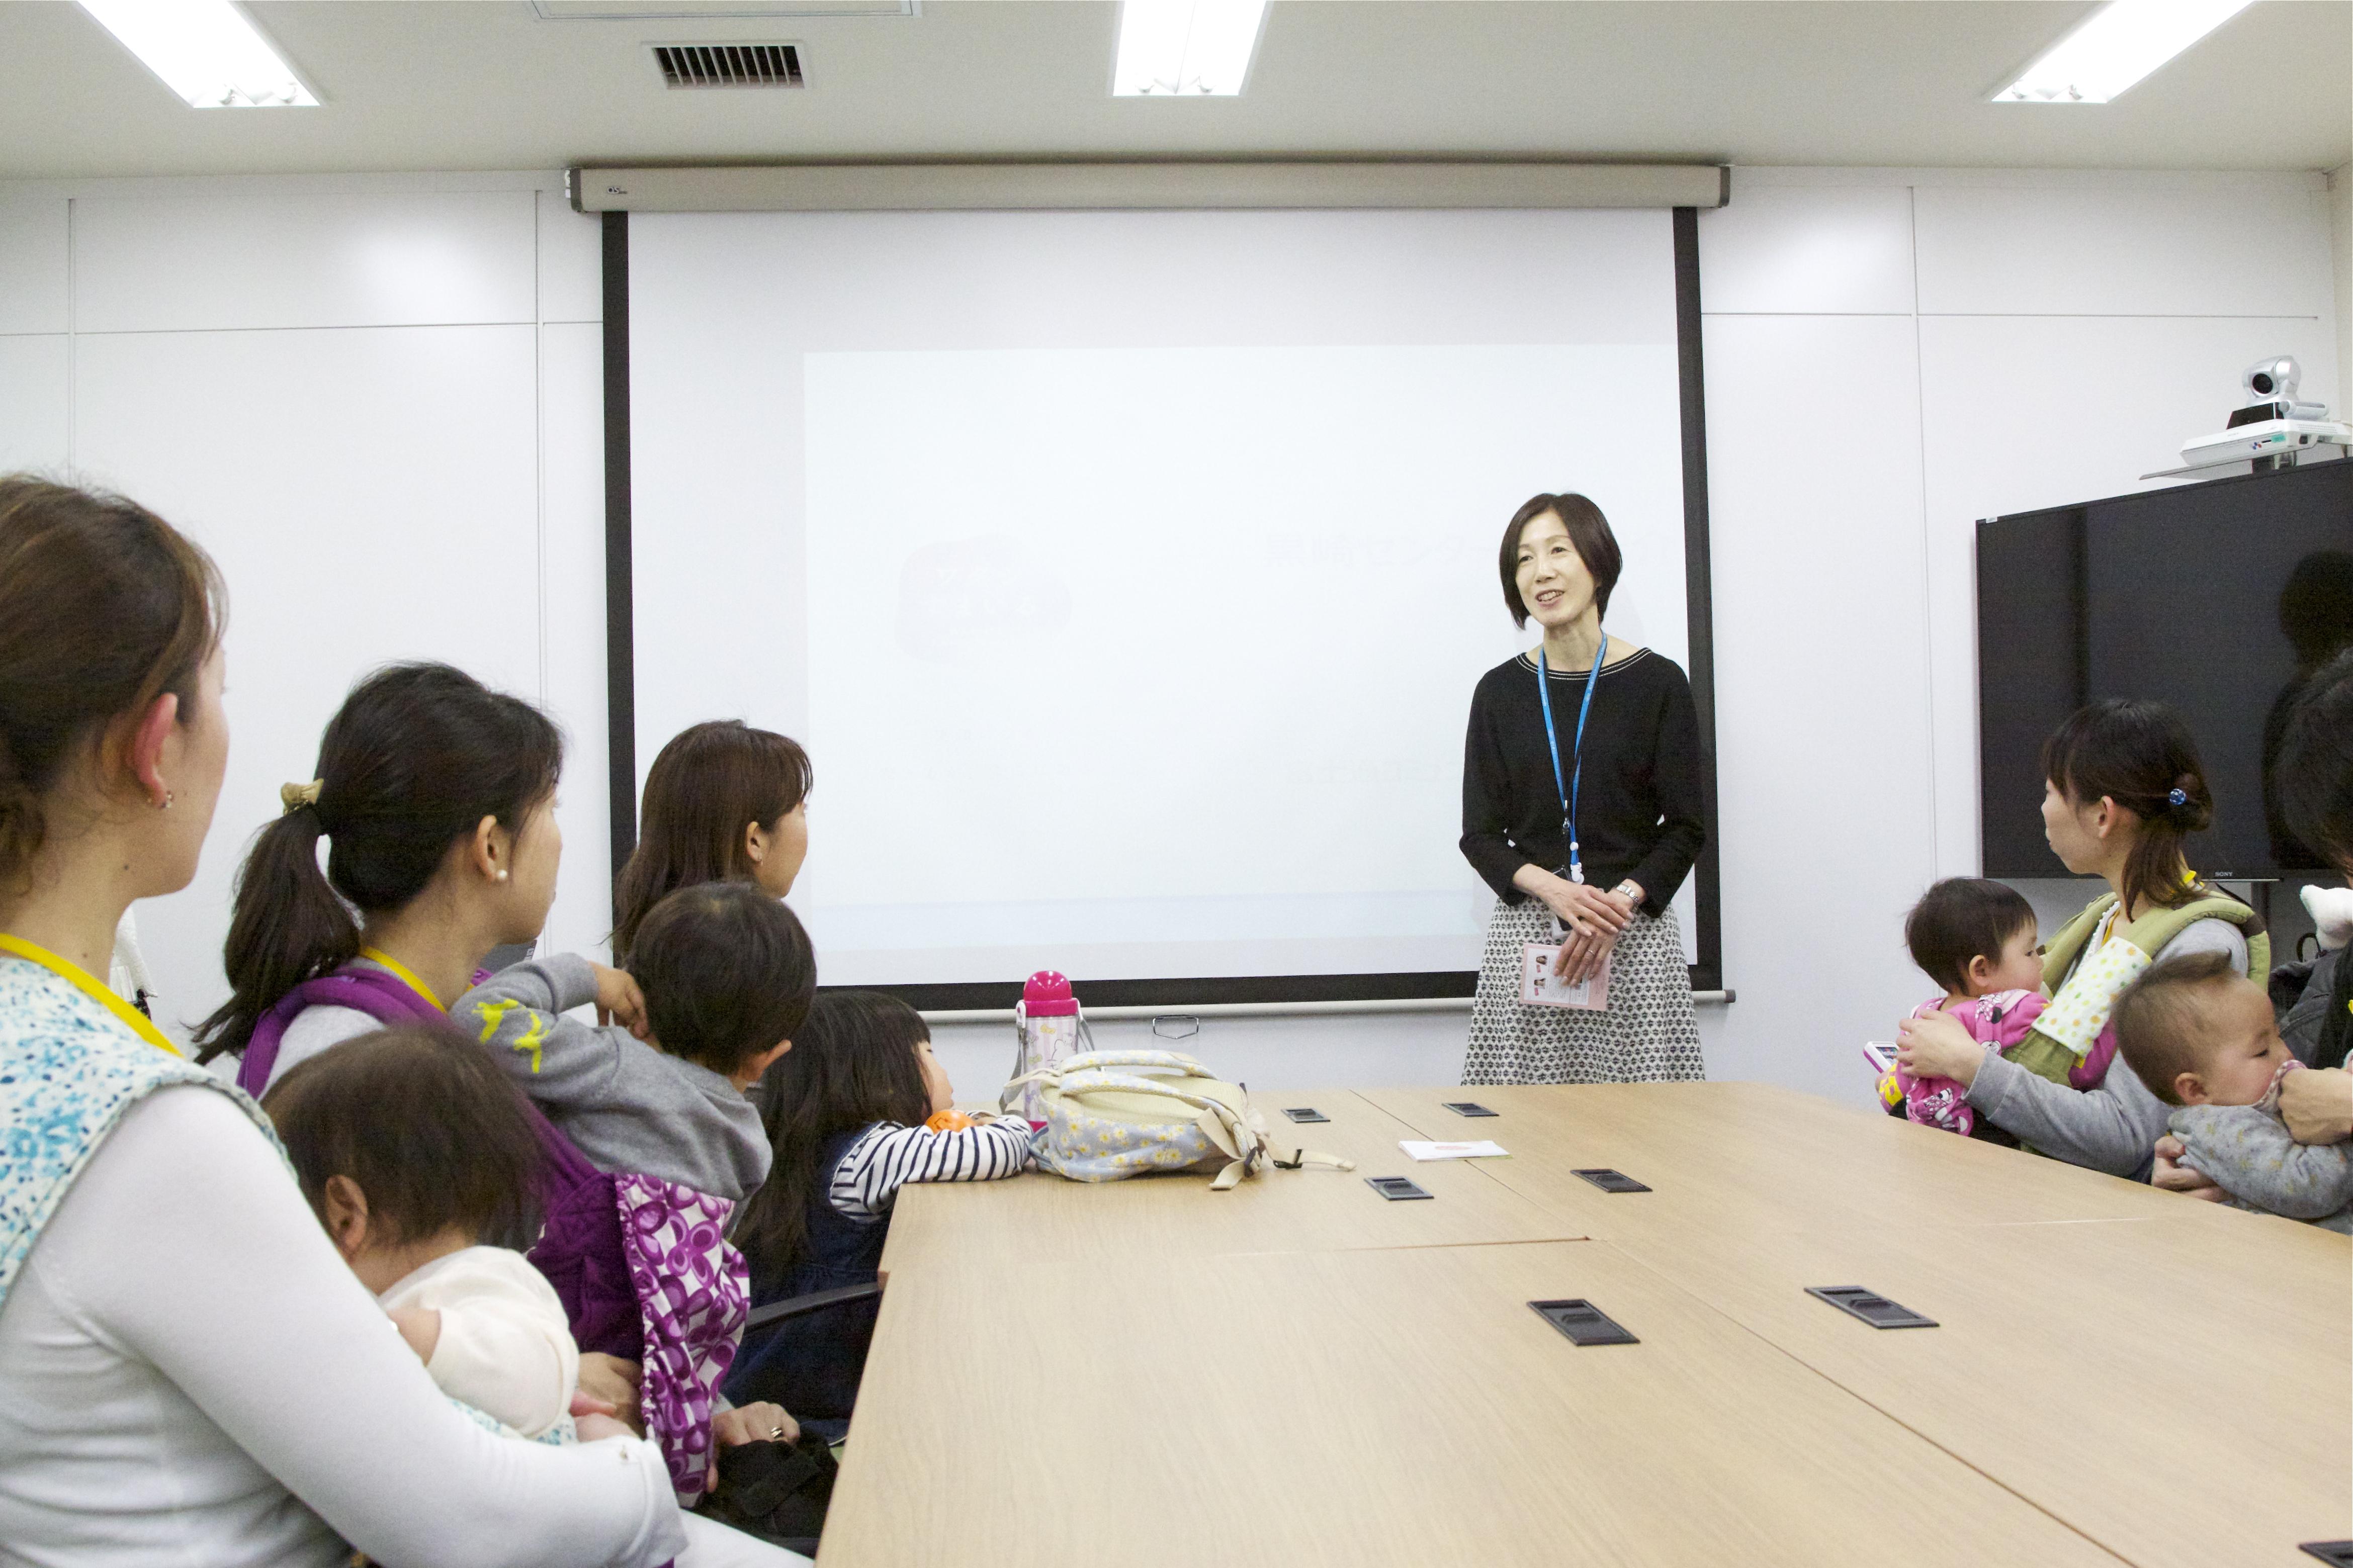 赤ちゃんと一緒に説明会で話をきく参加者たち